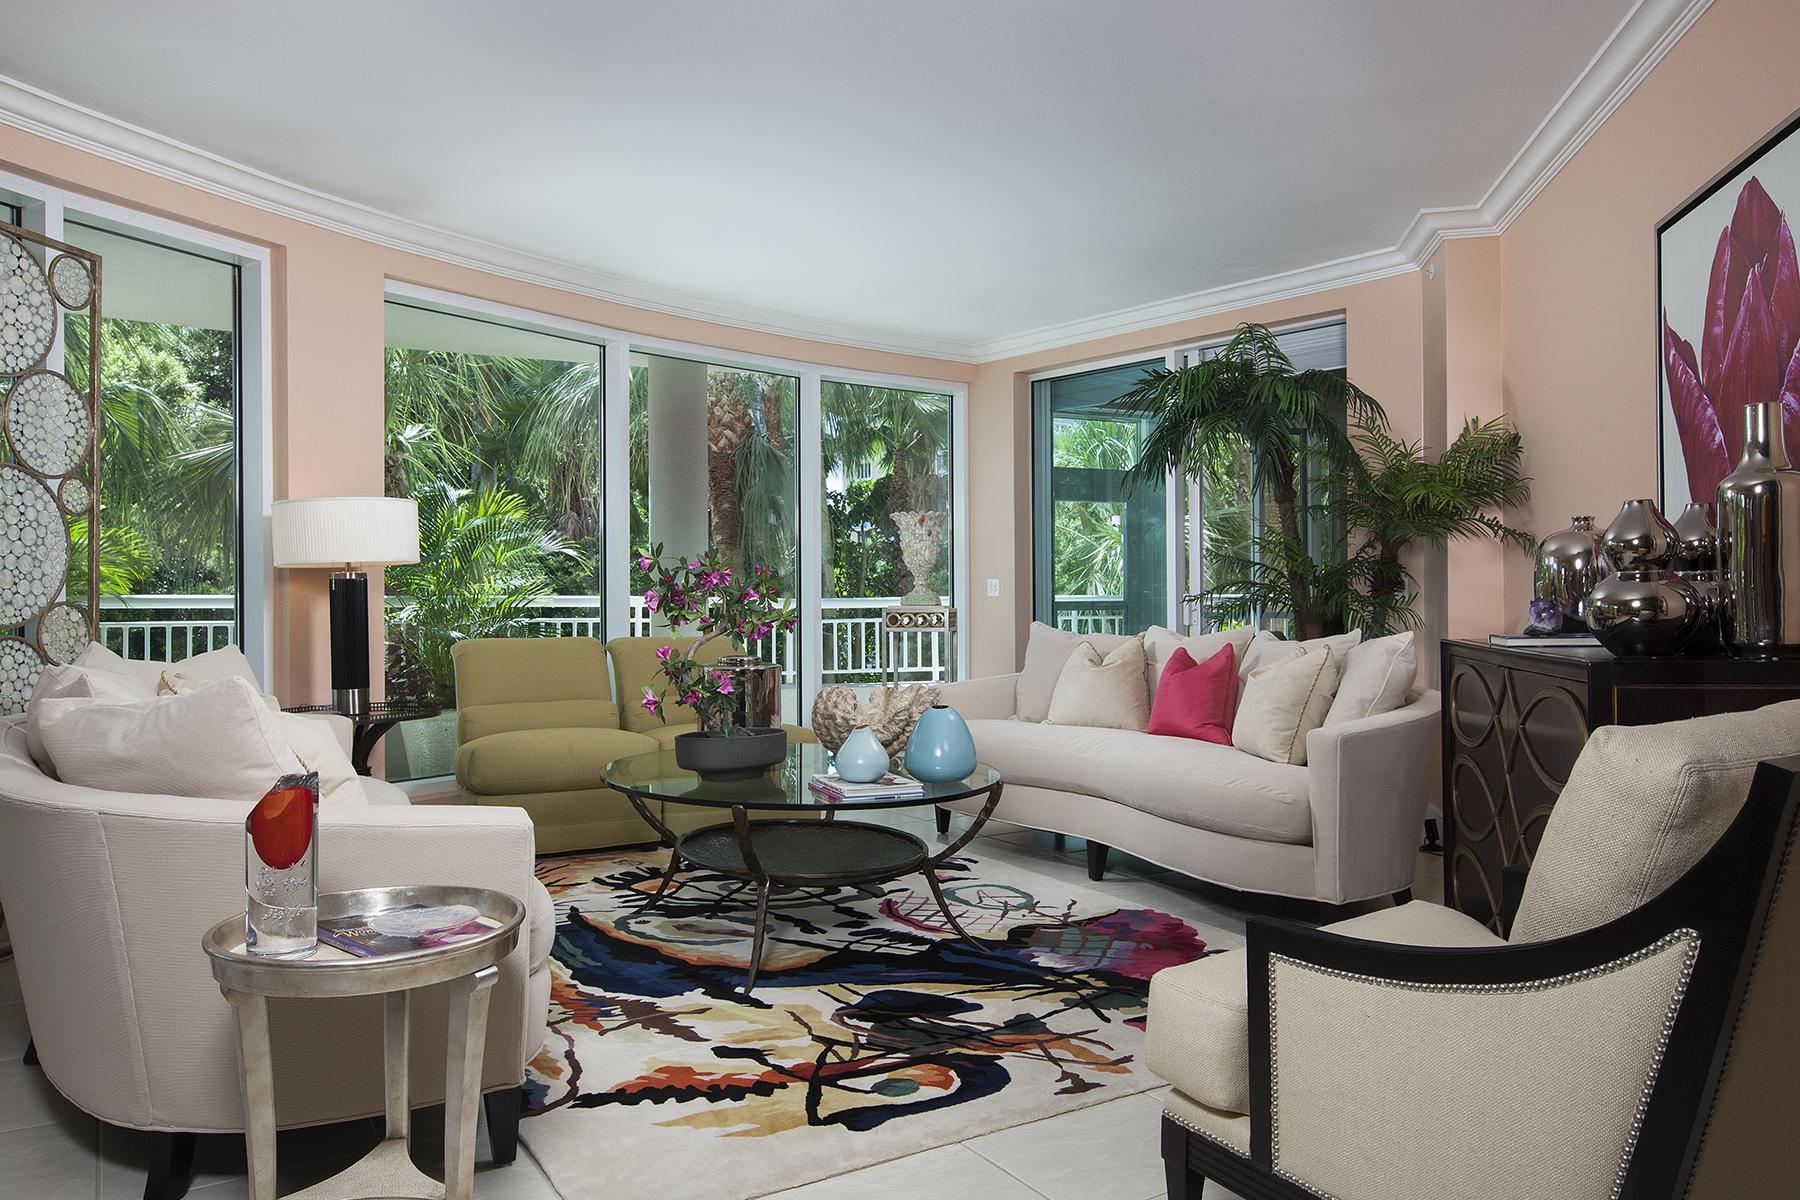 Condomínio para Venda às PARK SHORE - PROVENCE 4151 Gulf Shore Blvd N 201 Naples, Florida, 34103 Estados Unidos